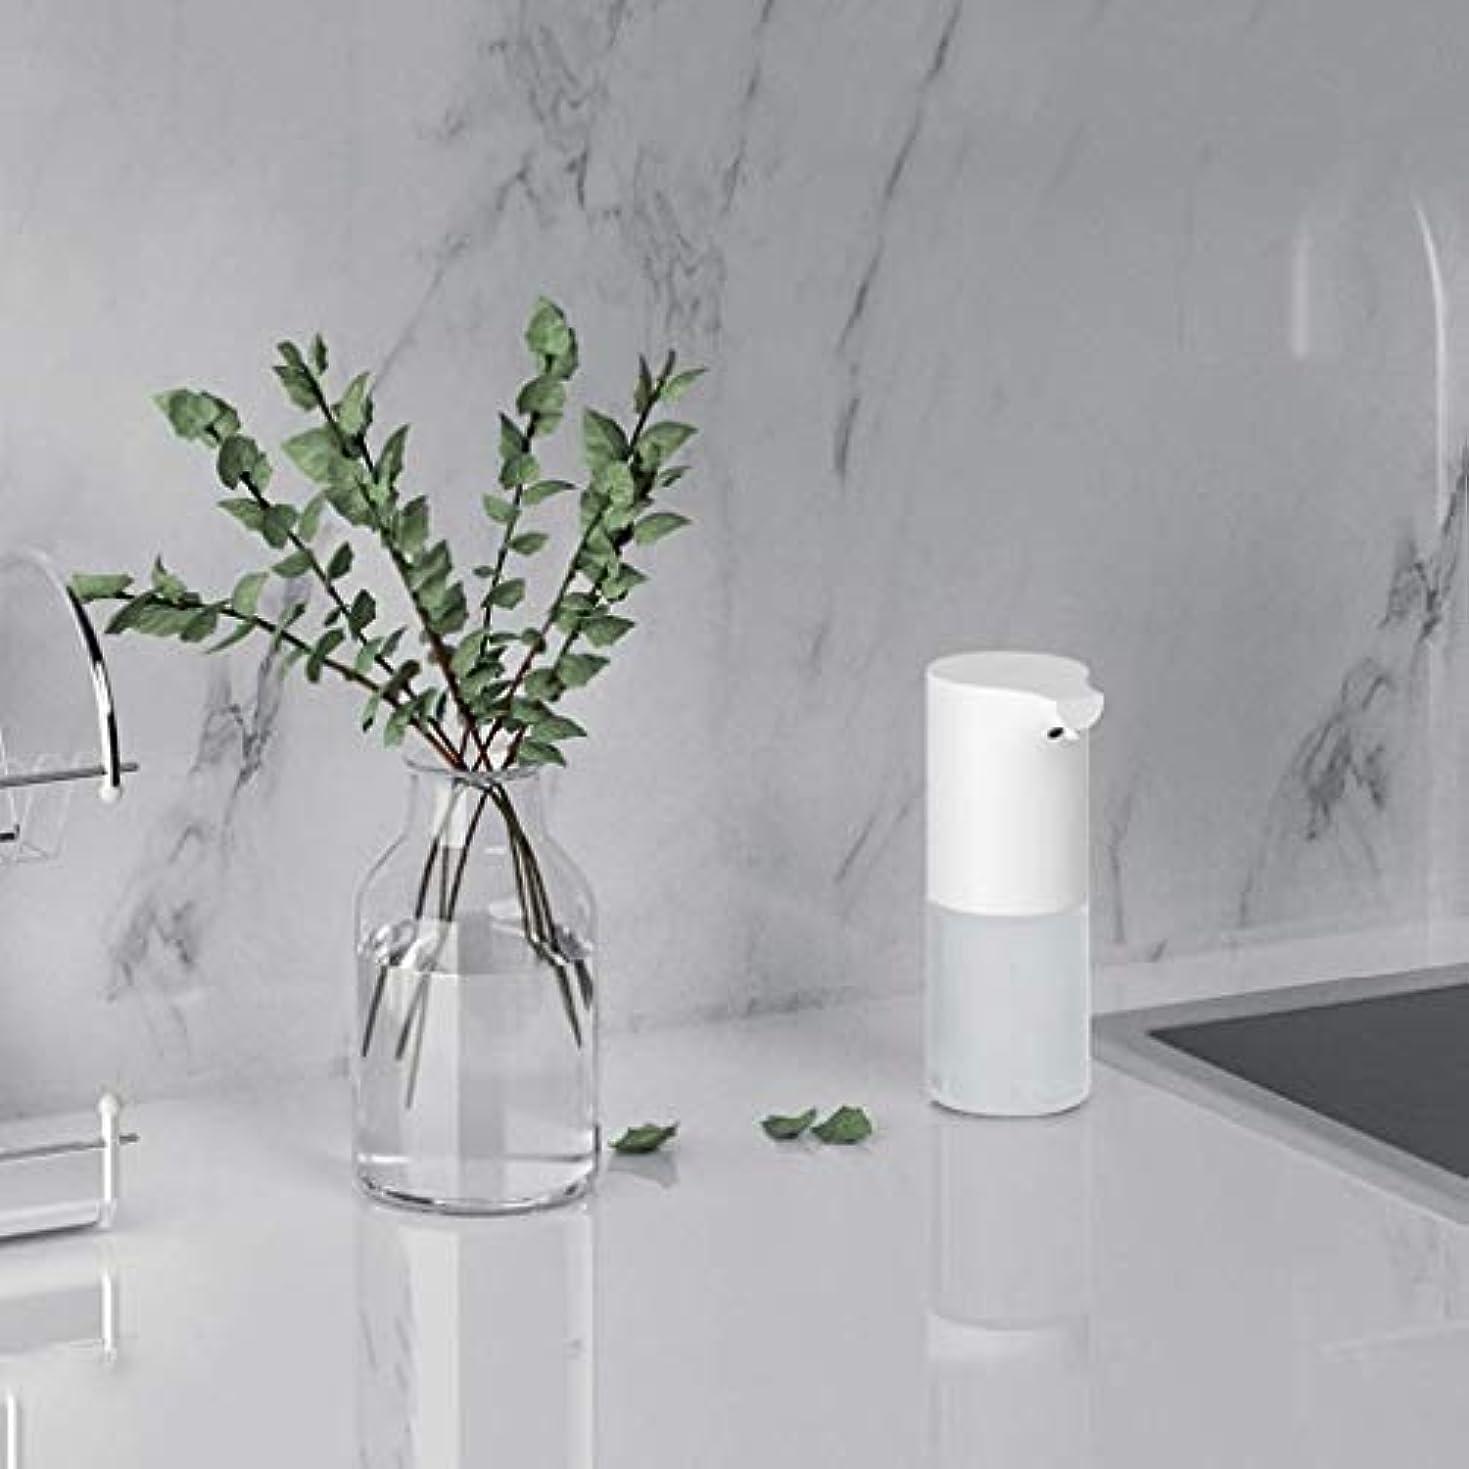 睡眠大きさ疲労赤外線センサー泡手消毒剤320ミリリットル環境保護素材石鹸ボトルキッチンバスルームローション(色:白、サイズ:19 * 9.8 * 7.3 cm) (Color : White, Size : 19*9.8*7.3cm)